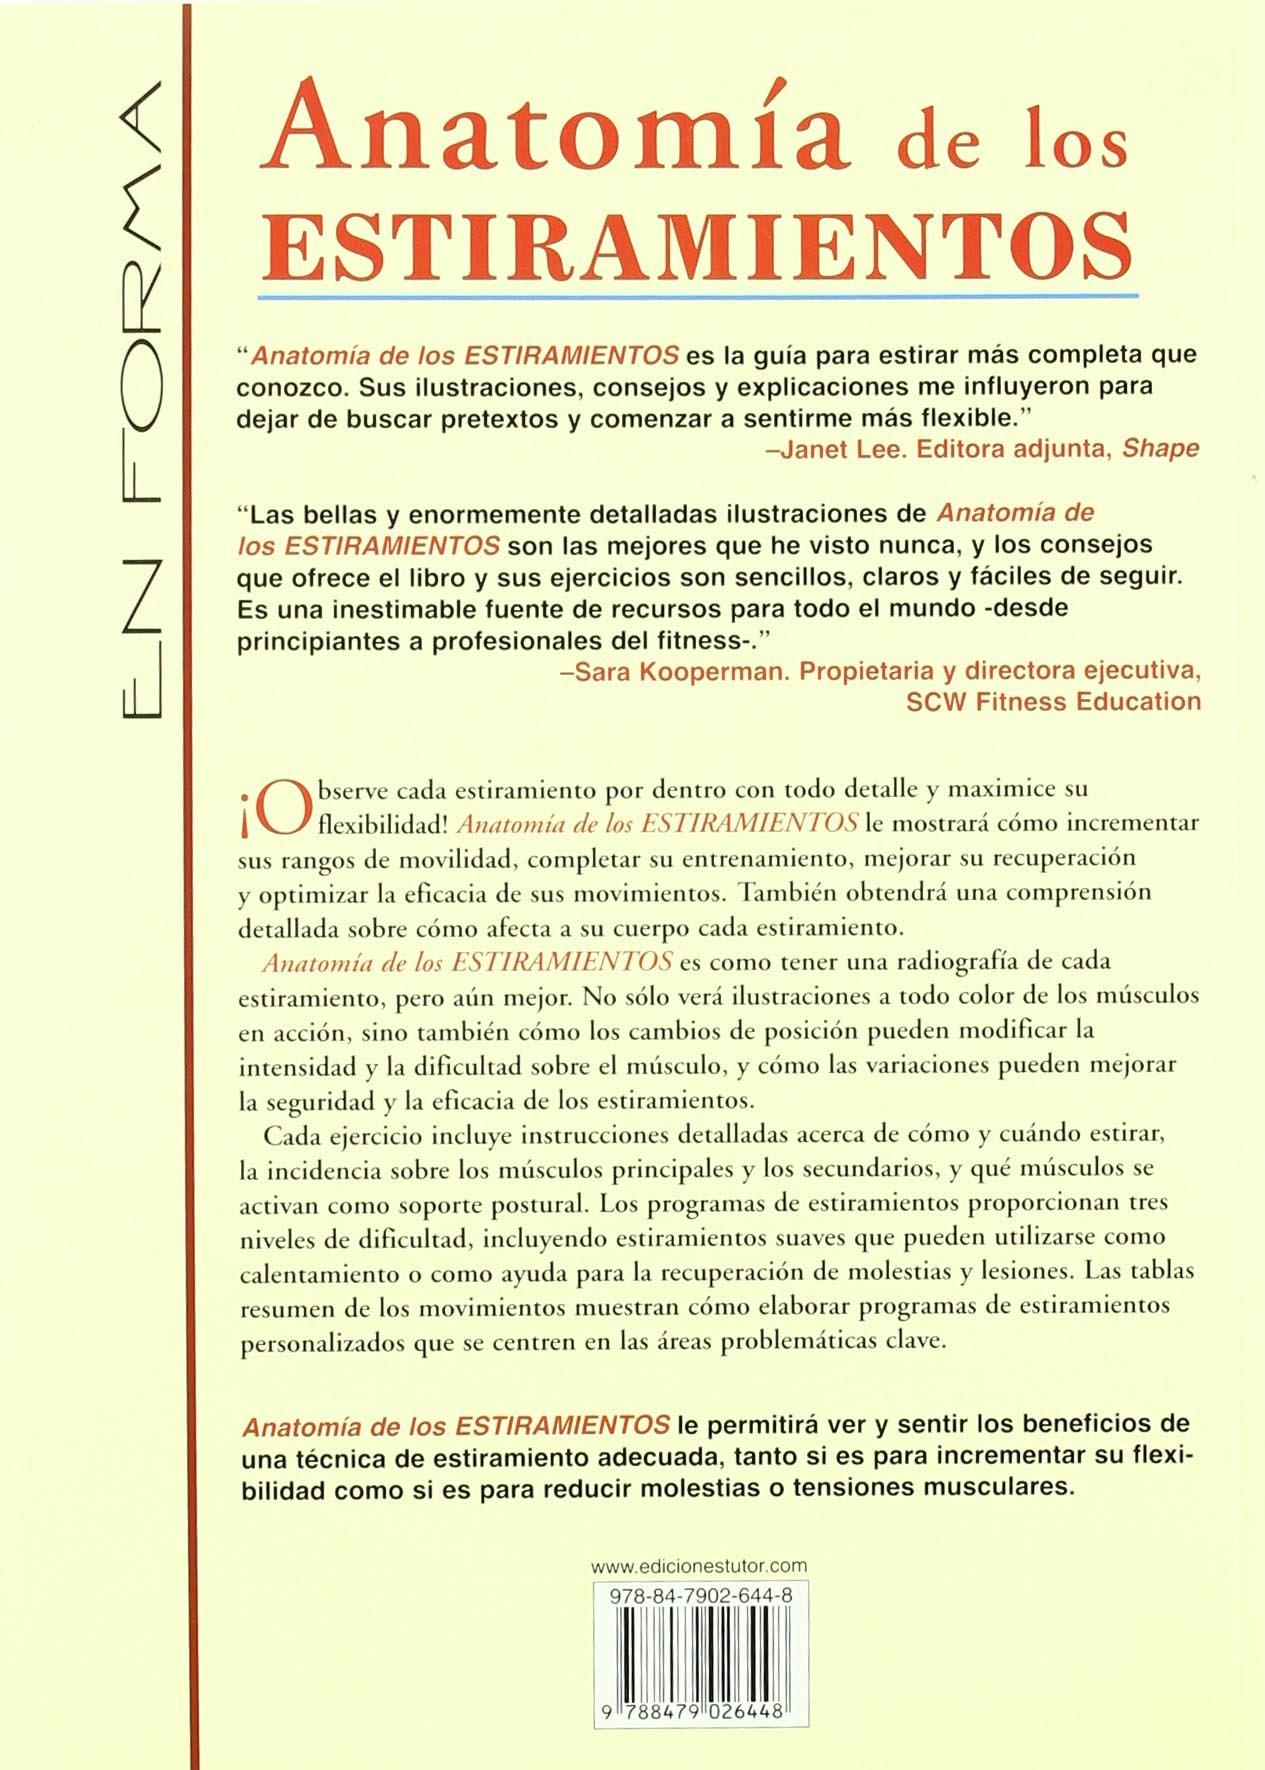 Anatomia De Los Estiramientos (Spanish Edition): Arnold G. nelson ...